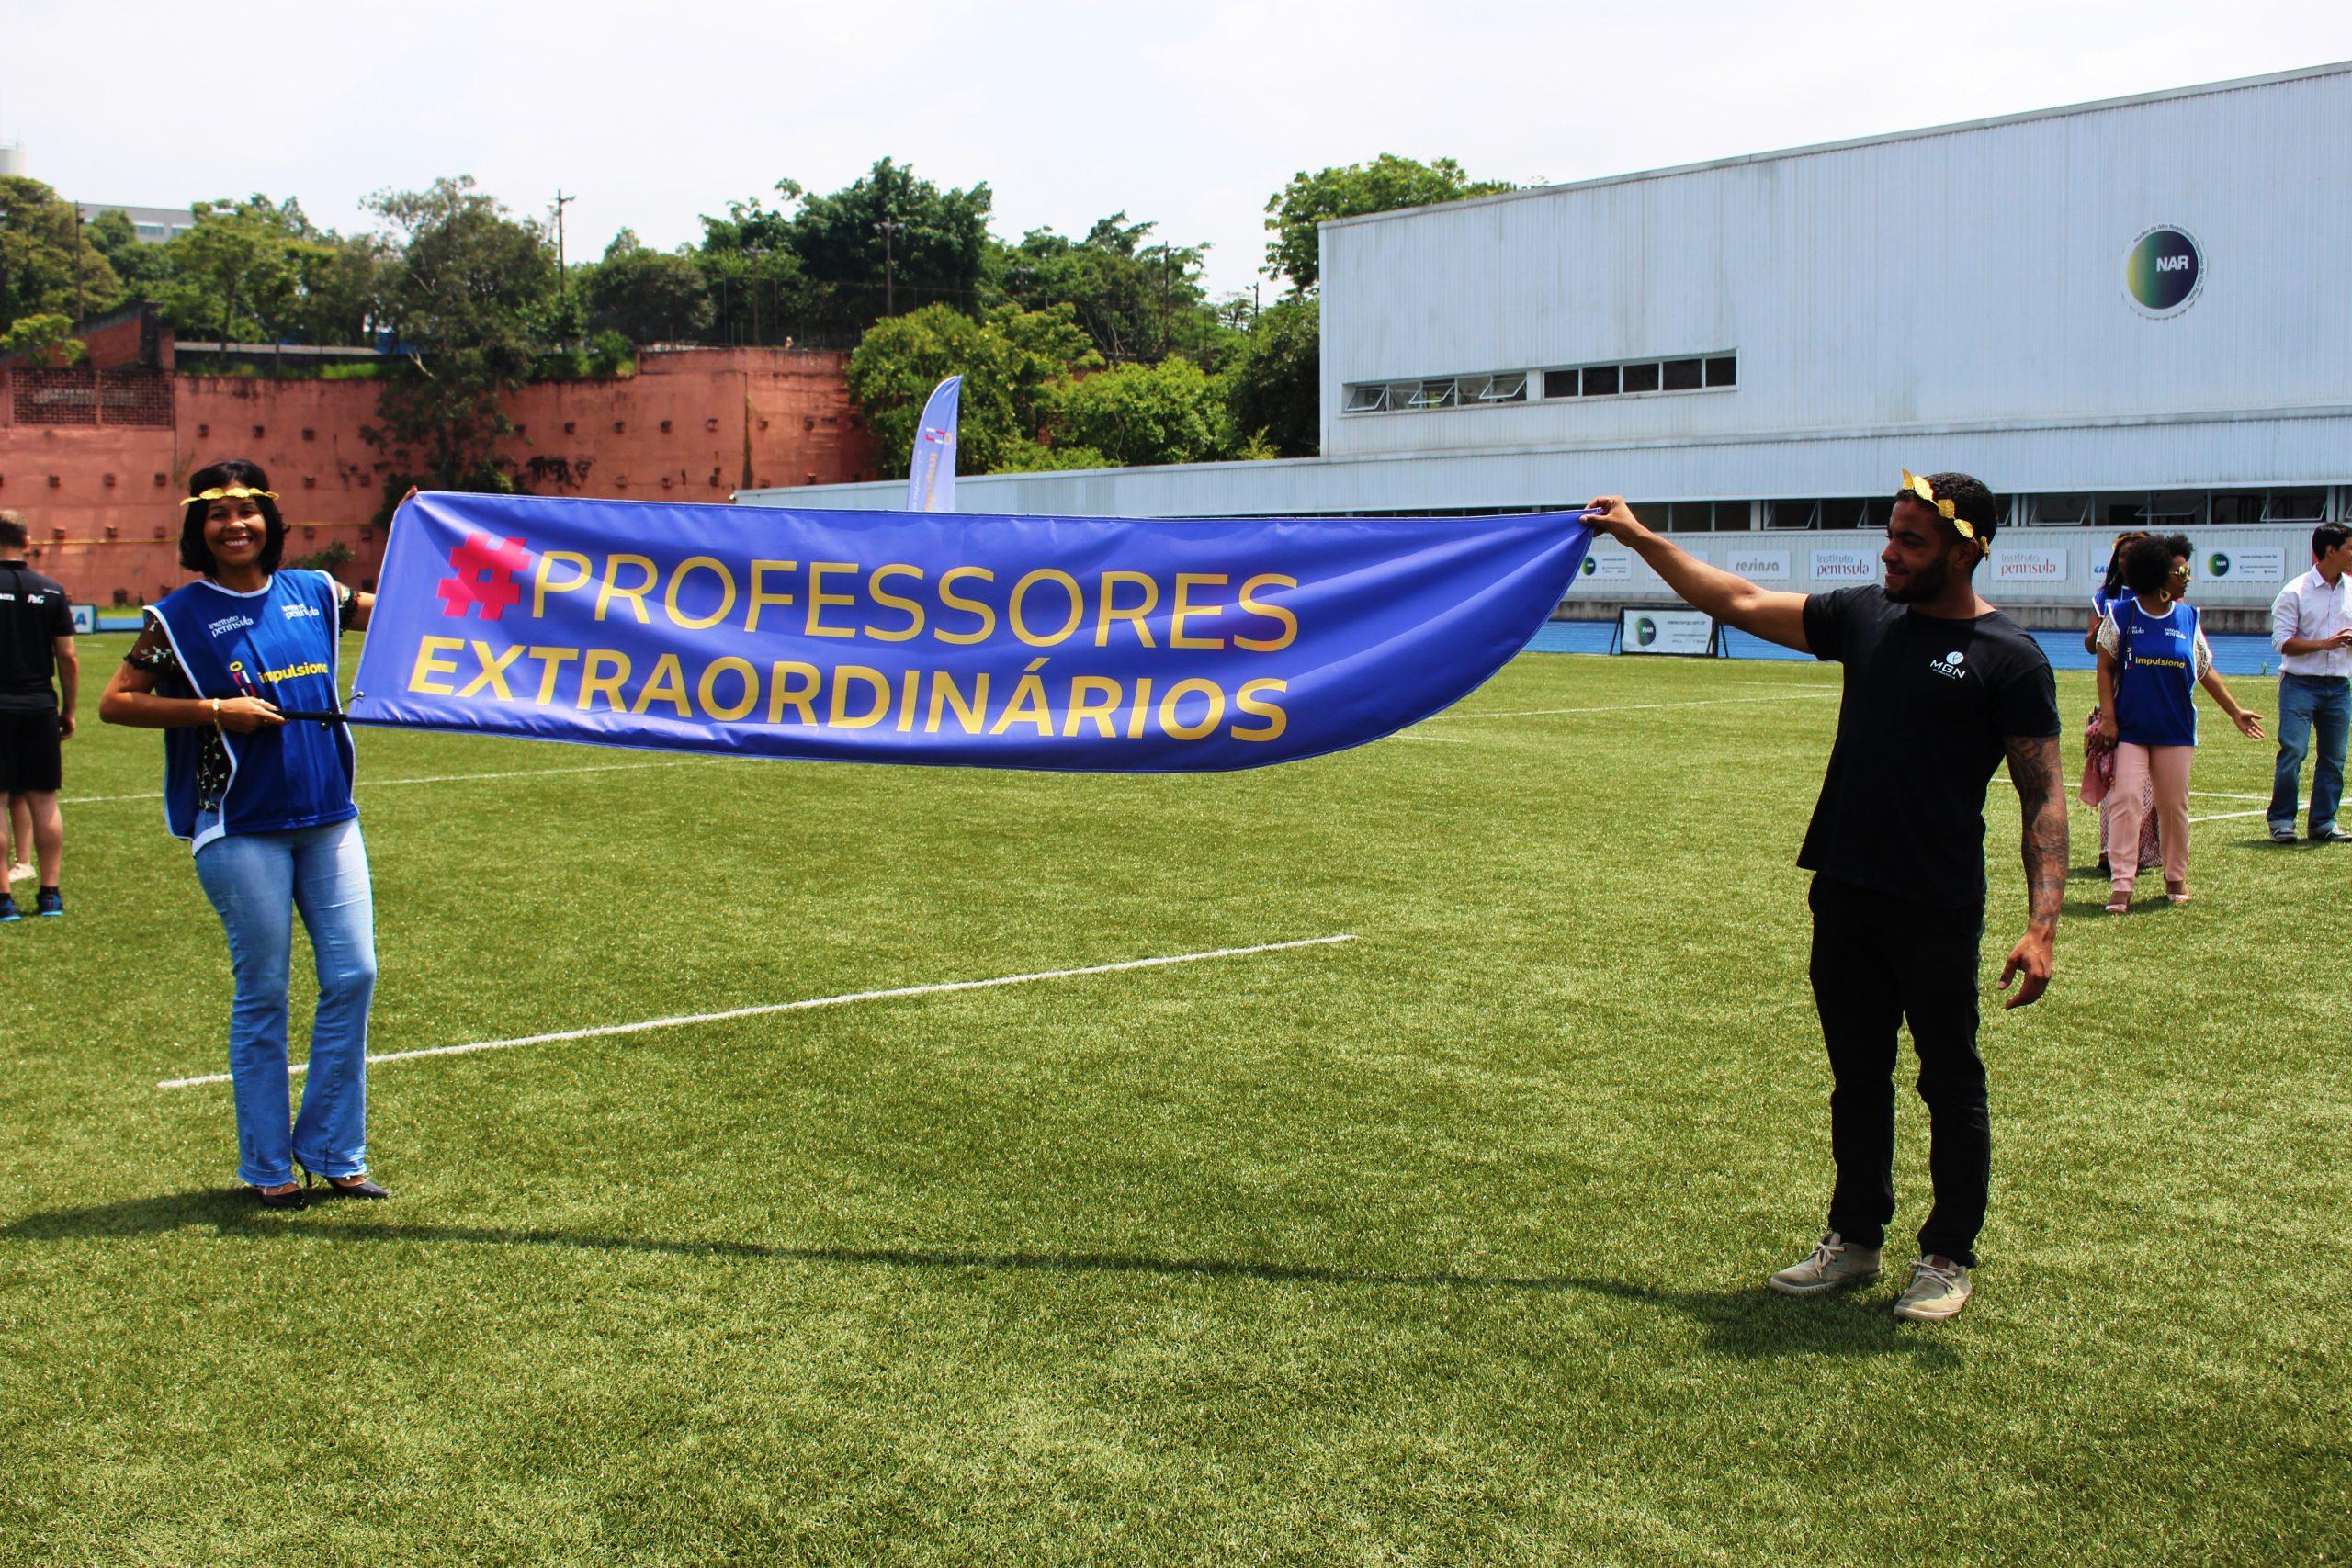 Prêmio Professores do Brasil reconhece melhores projetos em educação no país